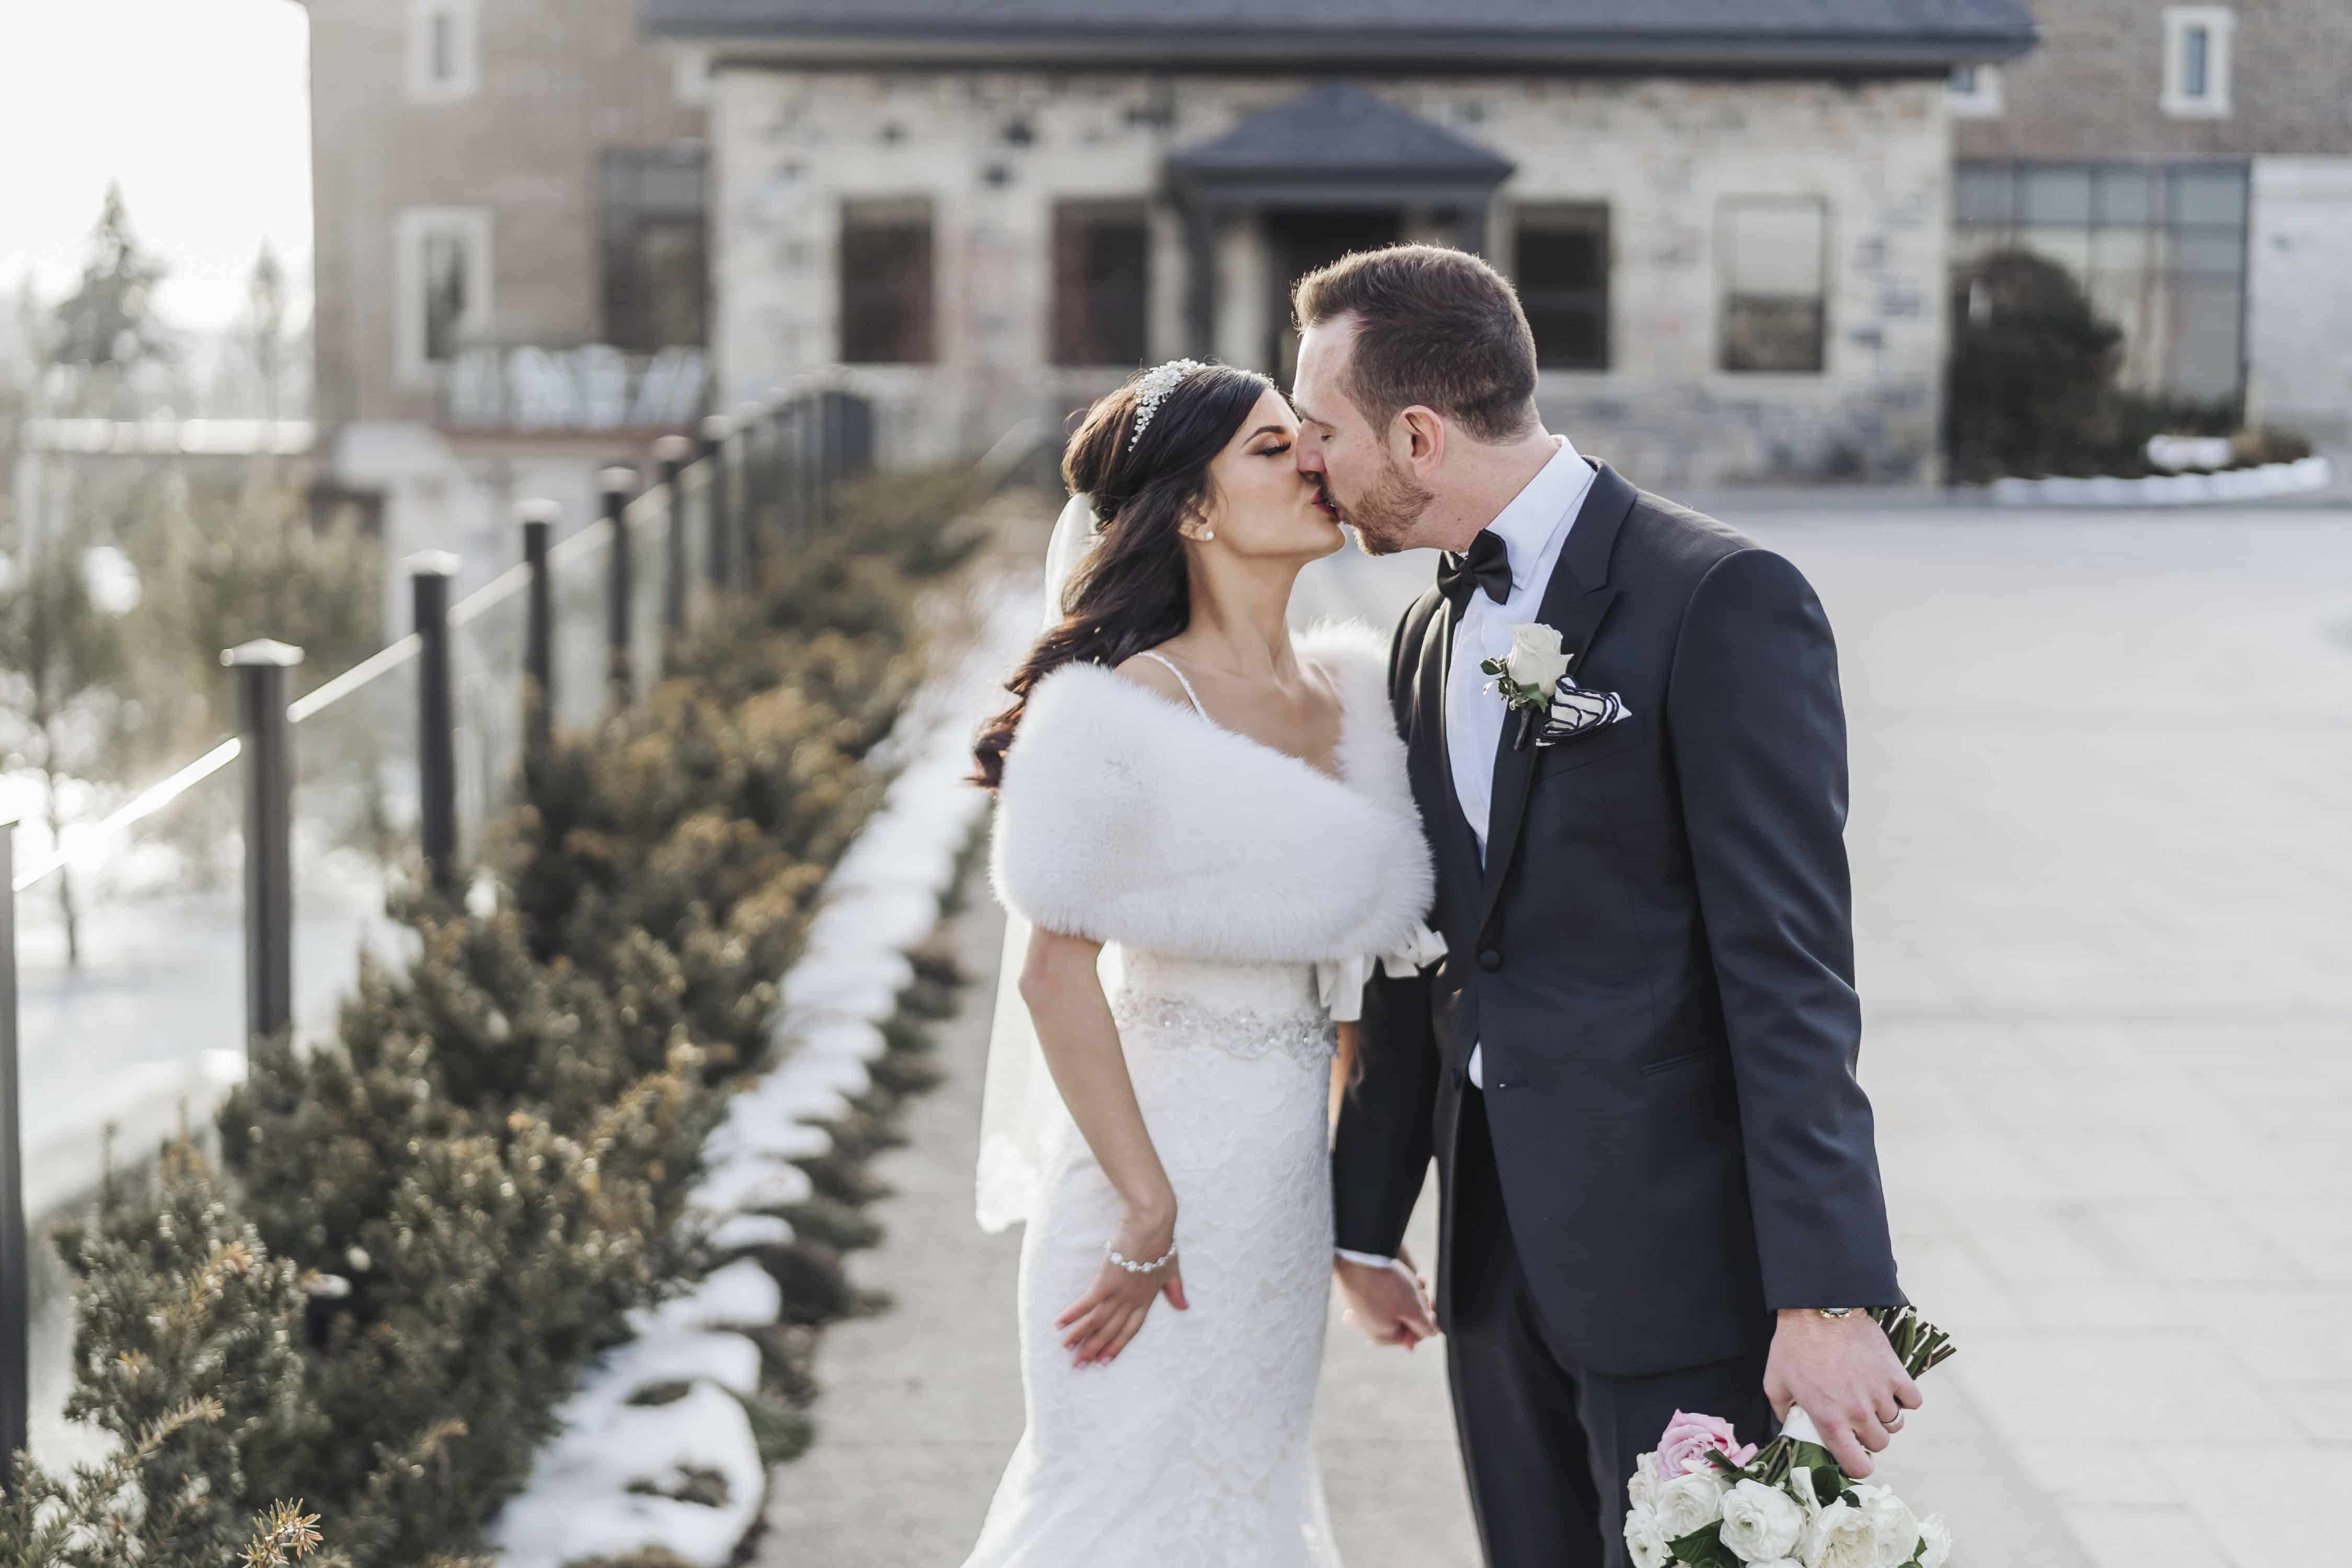 arlington estate wedding photos